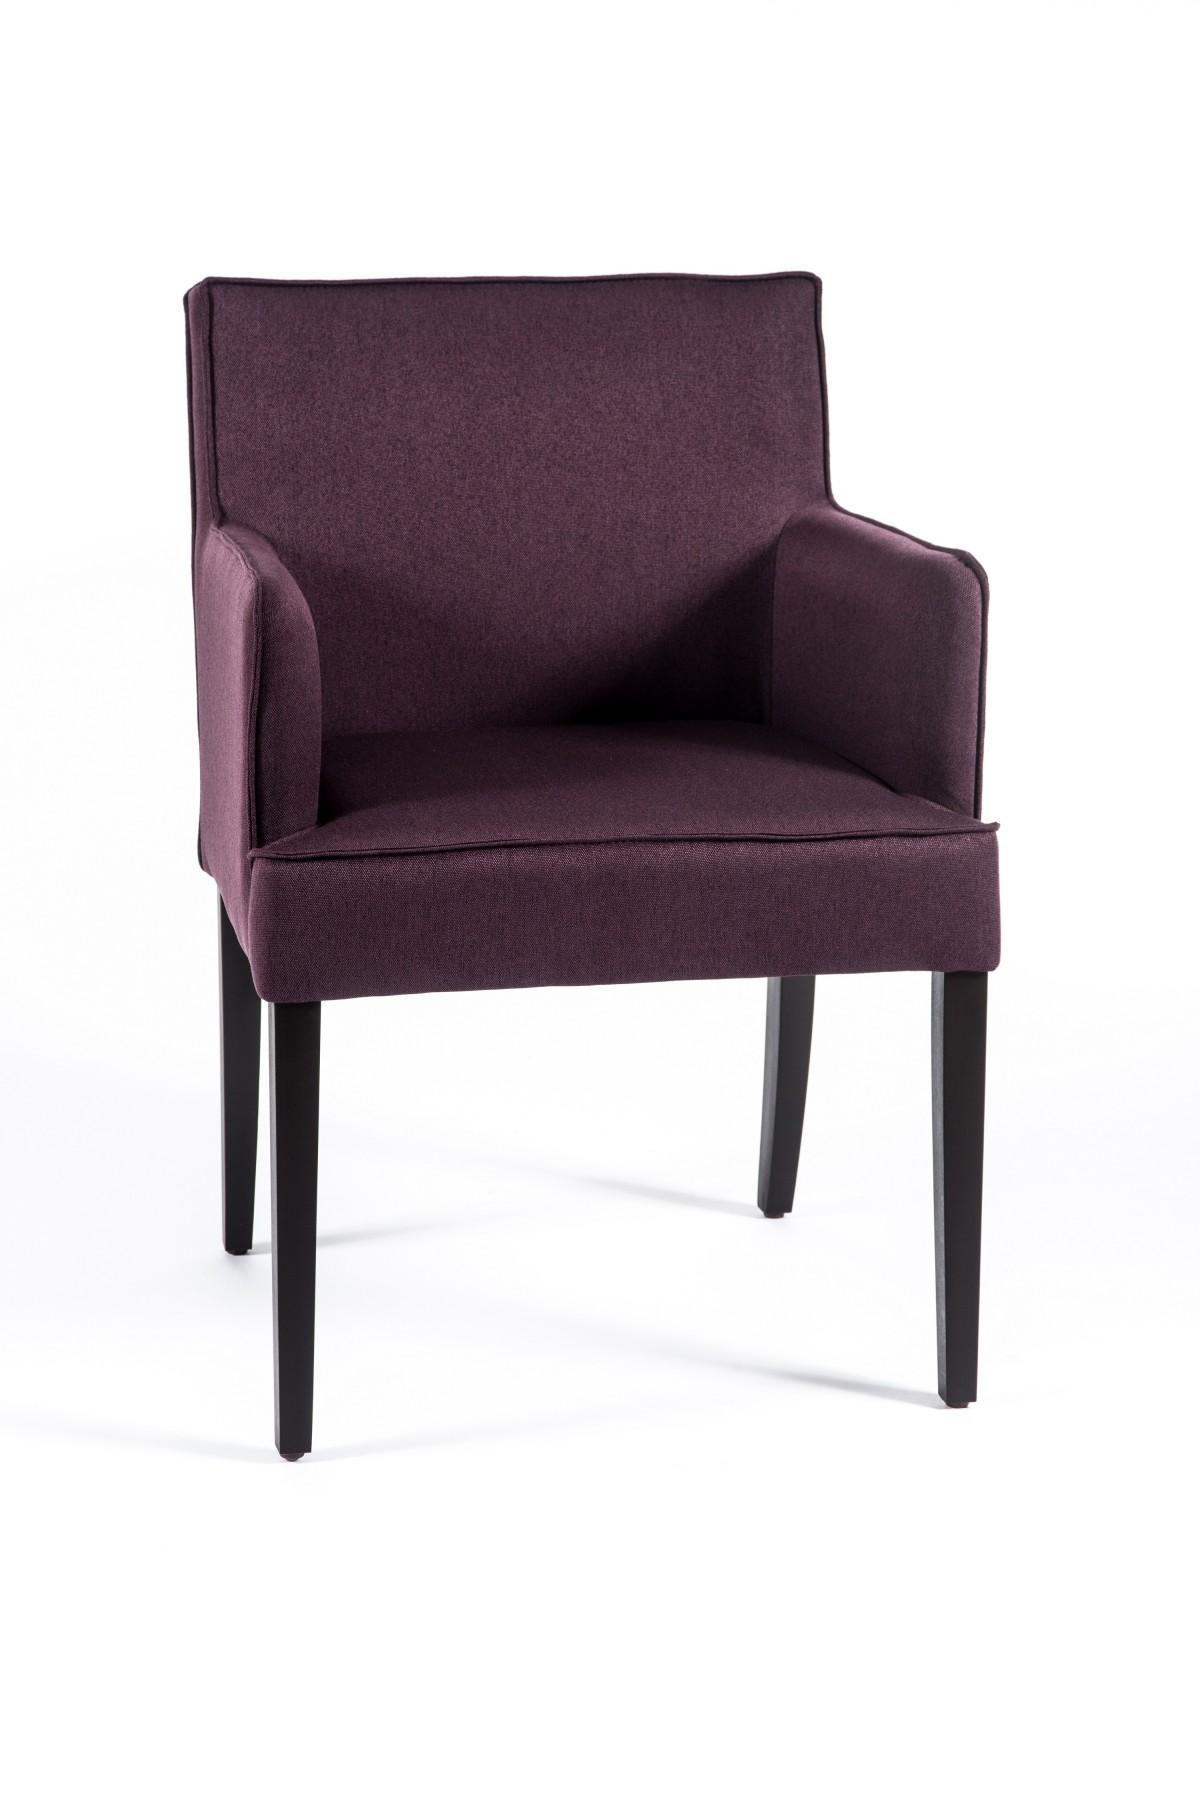 Alonzo a horeca stoelen horeca meubelen for Horeca stoelen